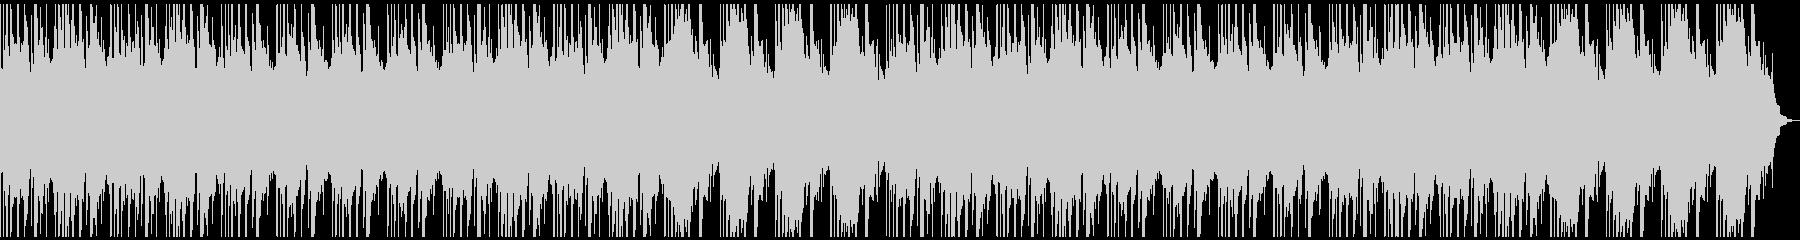 アンビエントなヒーリングBGMの未再生の波形